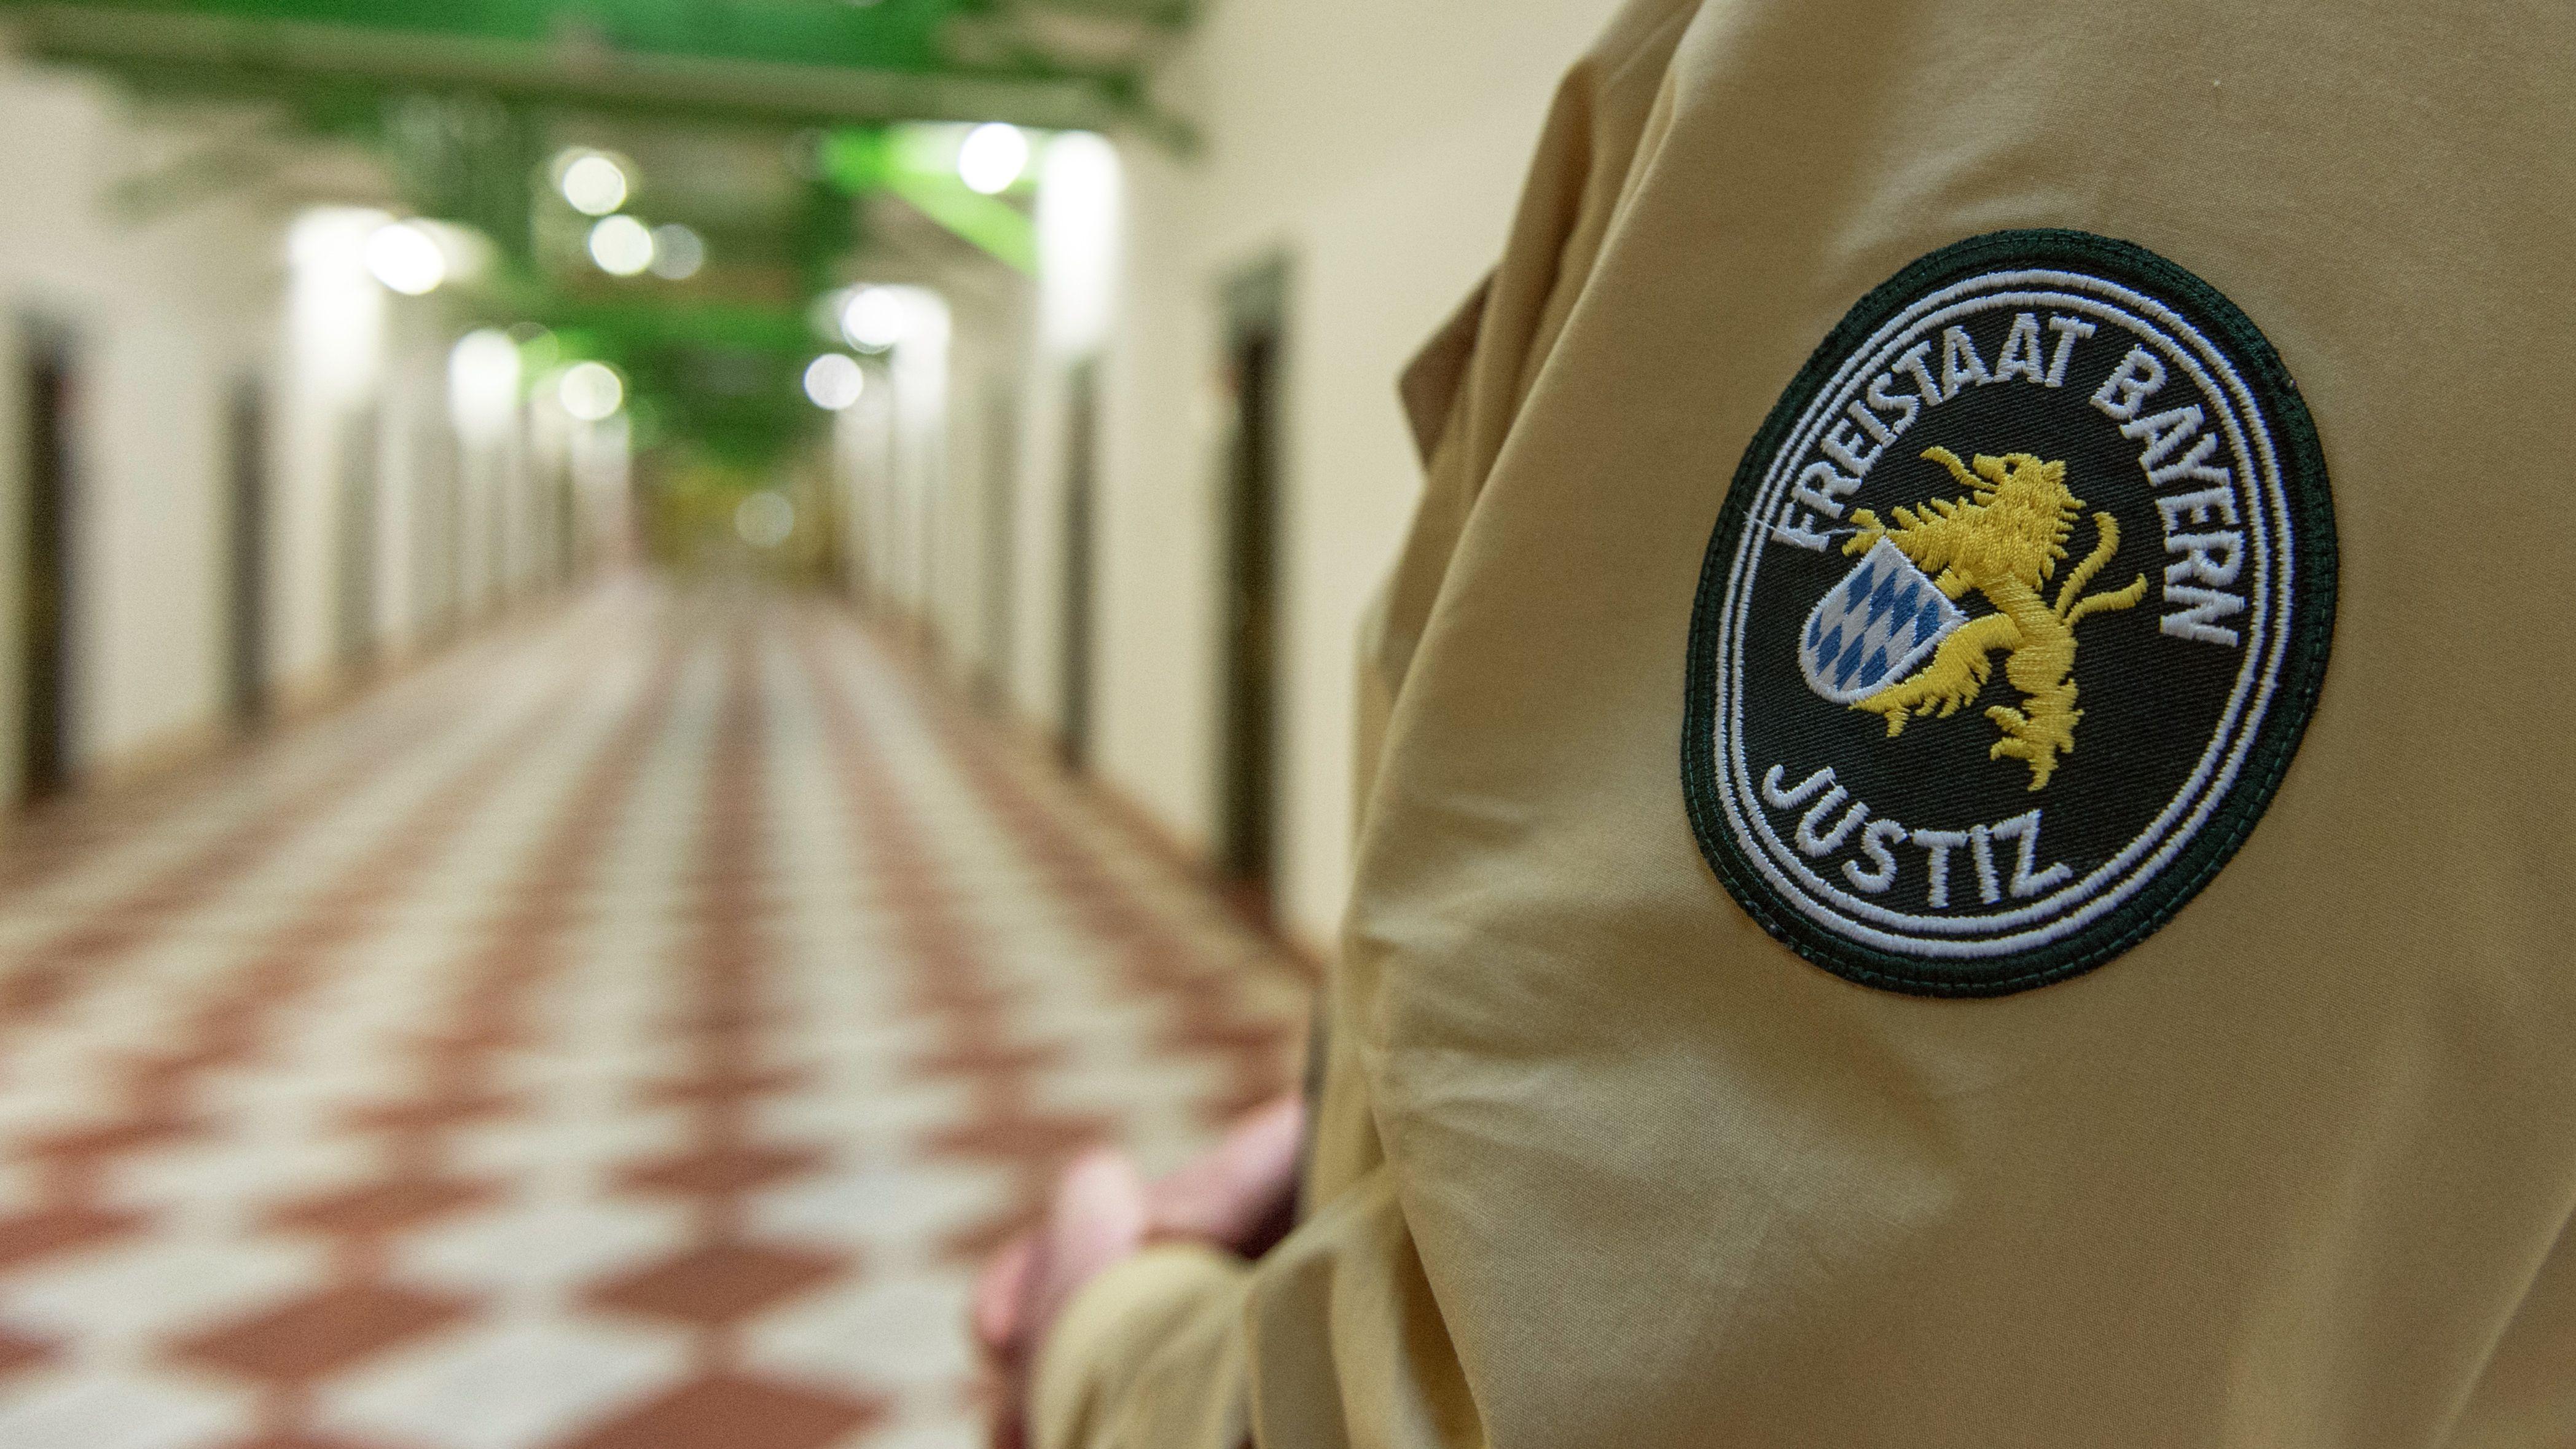 Das Abzeichen der bayerischen Justiz auf der Uniform eines Justizbeamten, aufgenommen am 19.11.2012 in der JVA Straubing